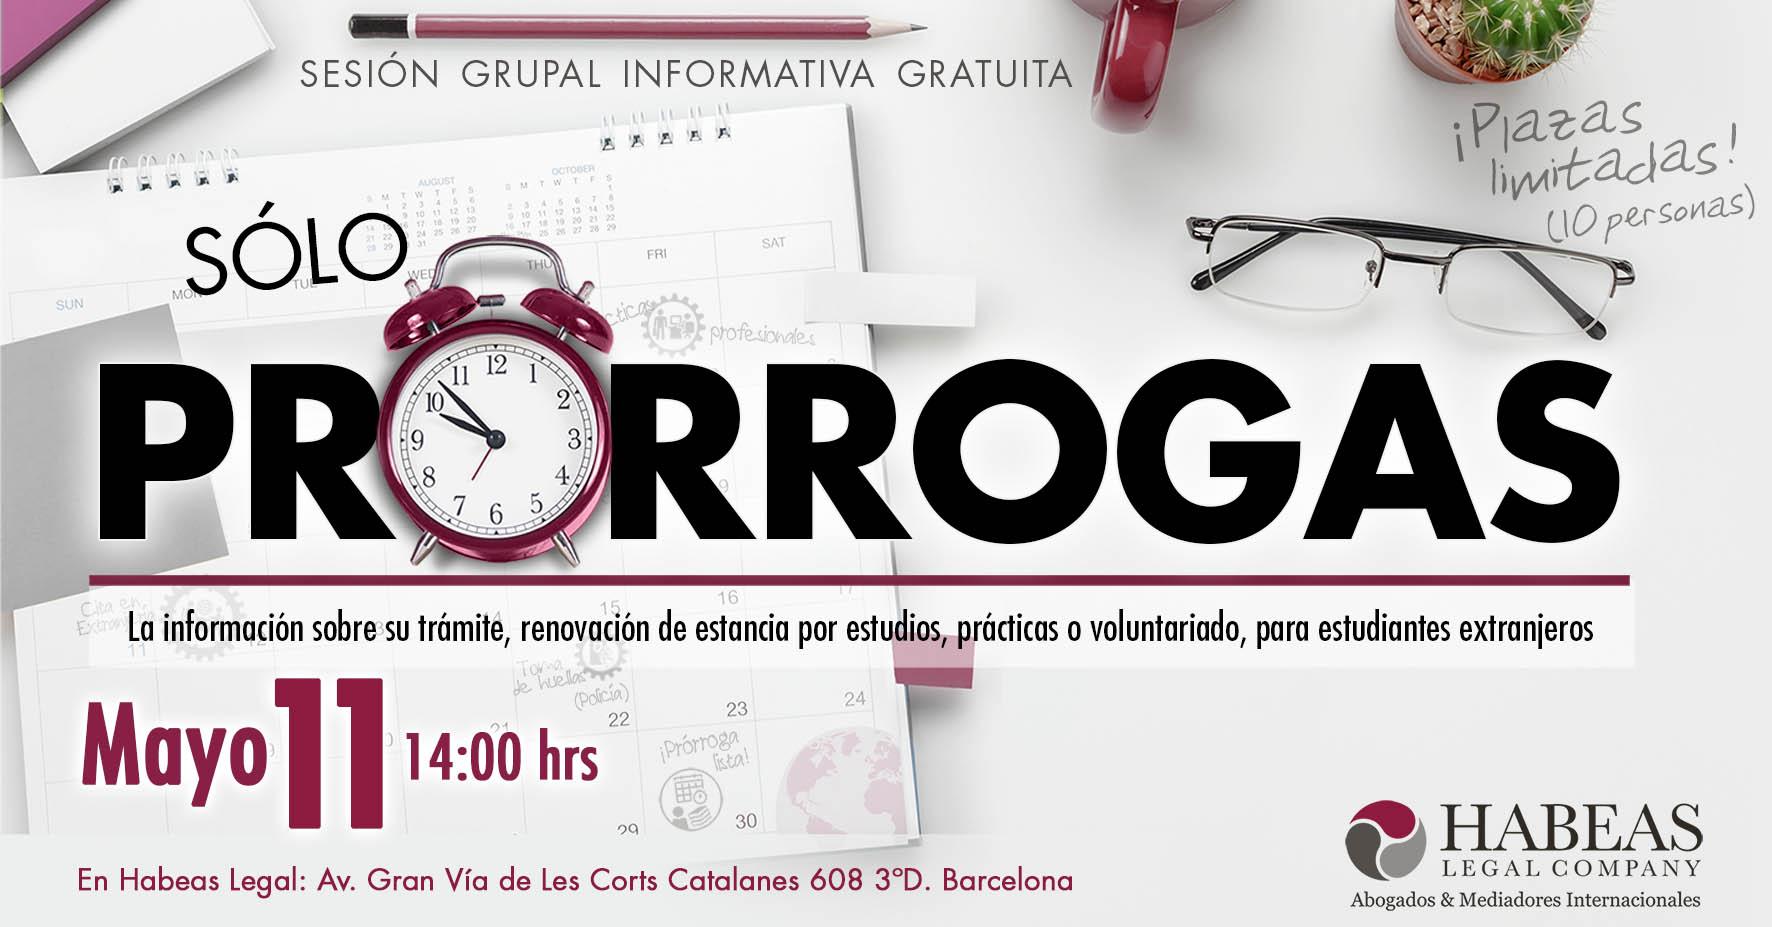 """Prorrogas evento FB May11 - """"Sólo Prórrogas"""" - sesión informativa grupal gratuita - 11 Mayo"""